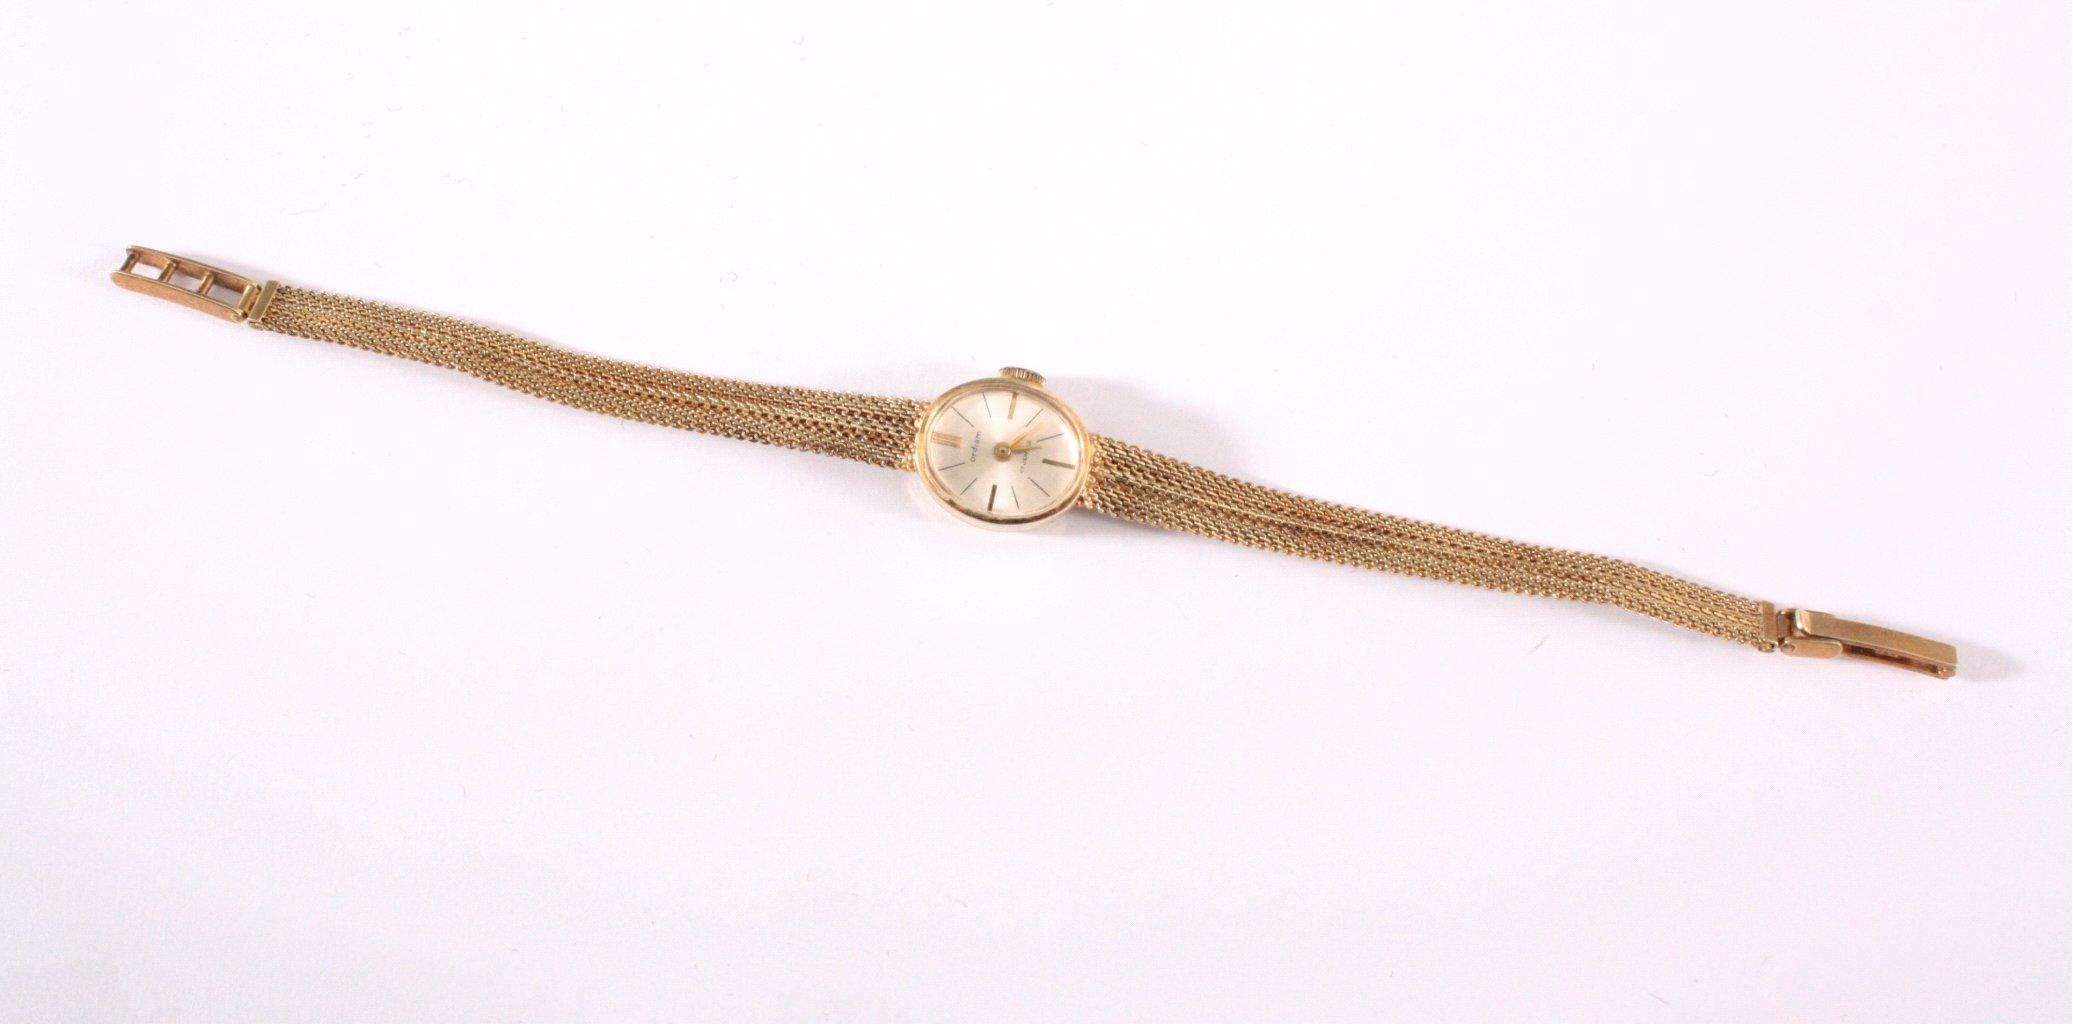 Damenarmbanduhr der Marke Ordiam